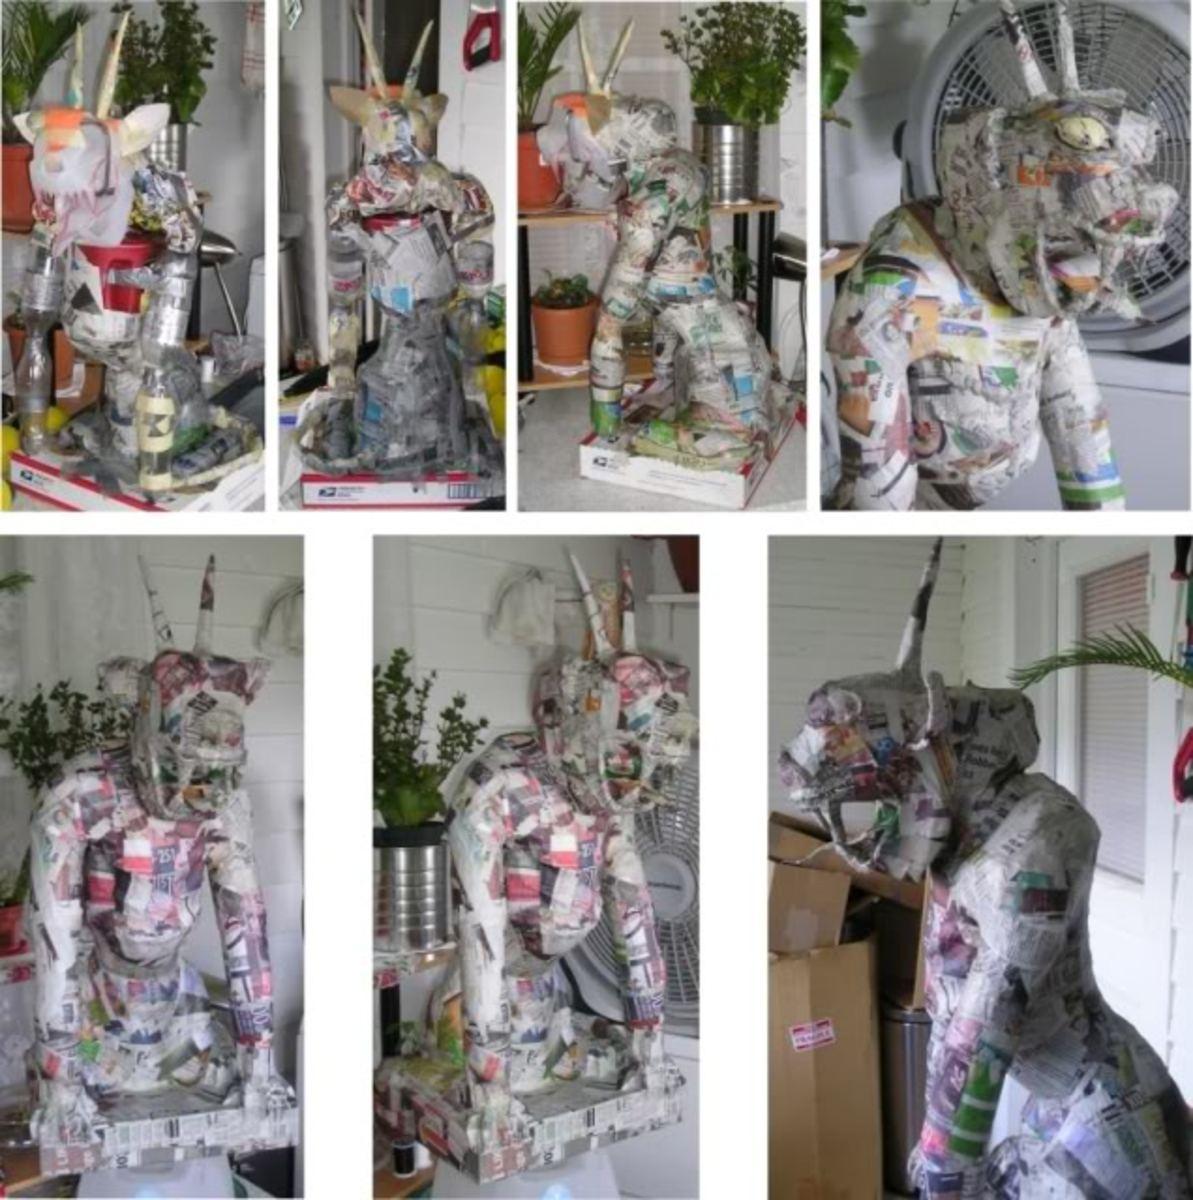 Make a Paper Mache Statue | FeltMagnet